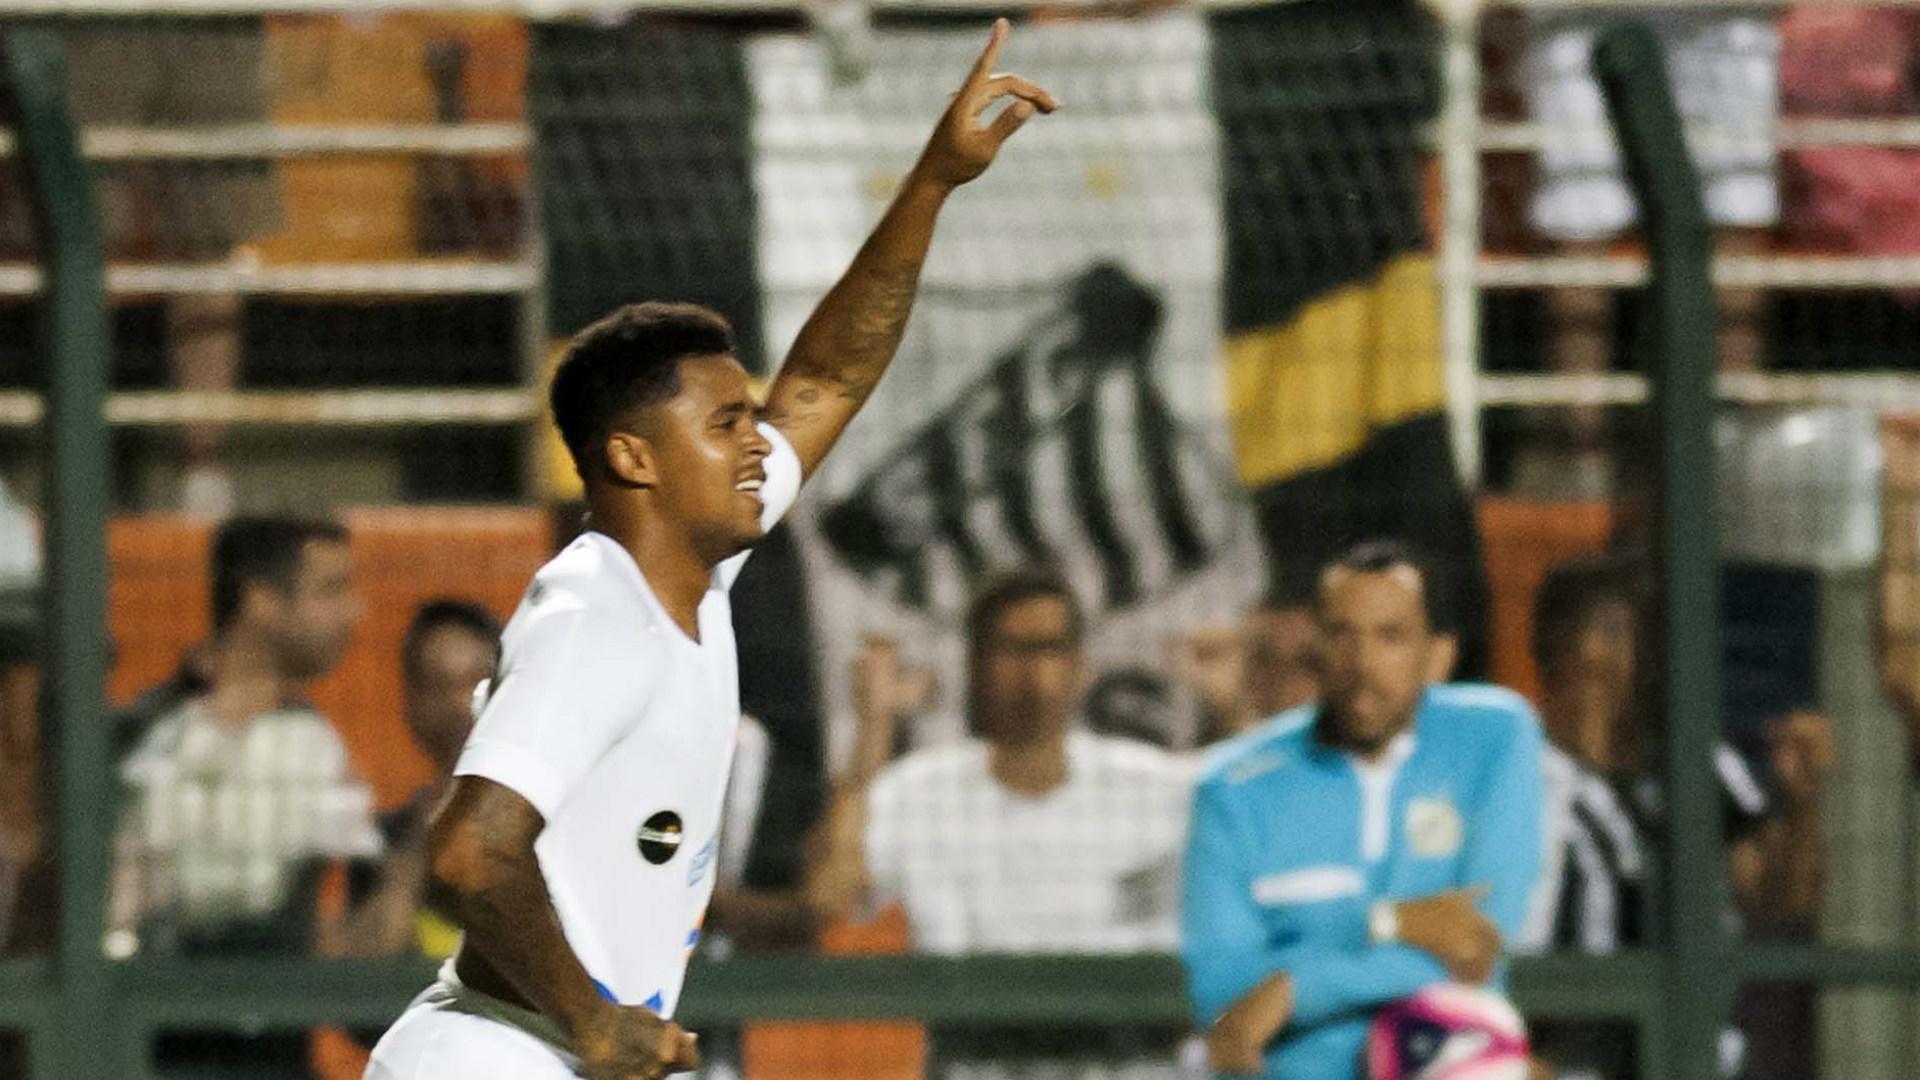 Atacante do Santos é flagrado em exame antidoping